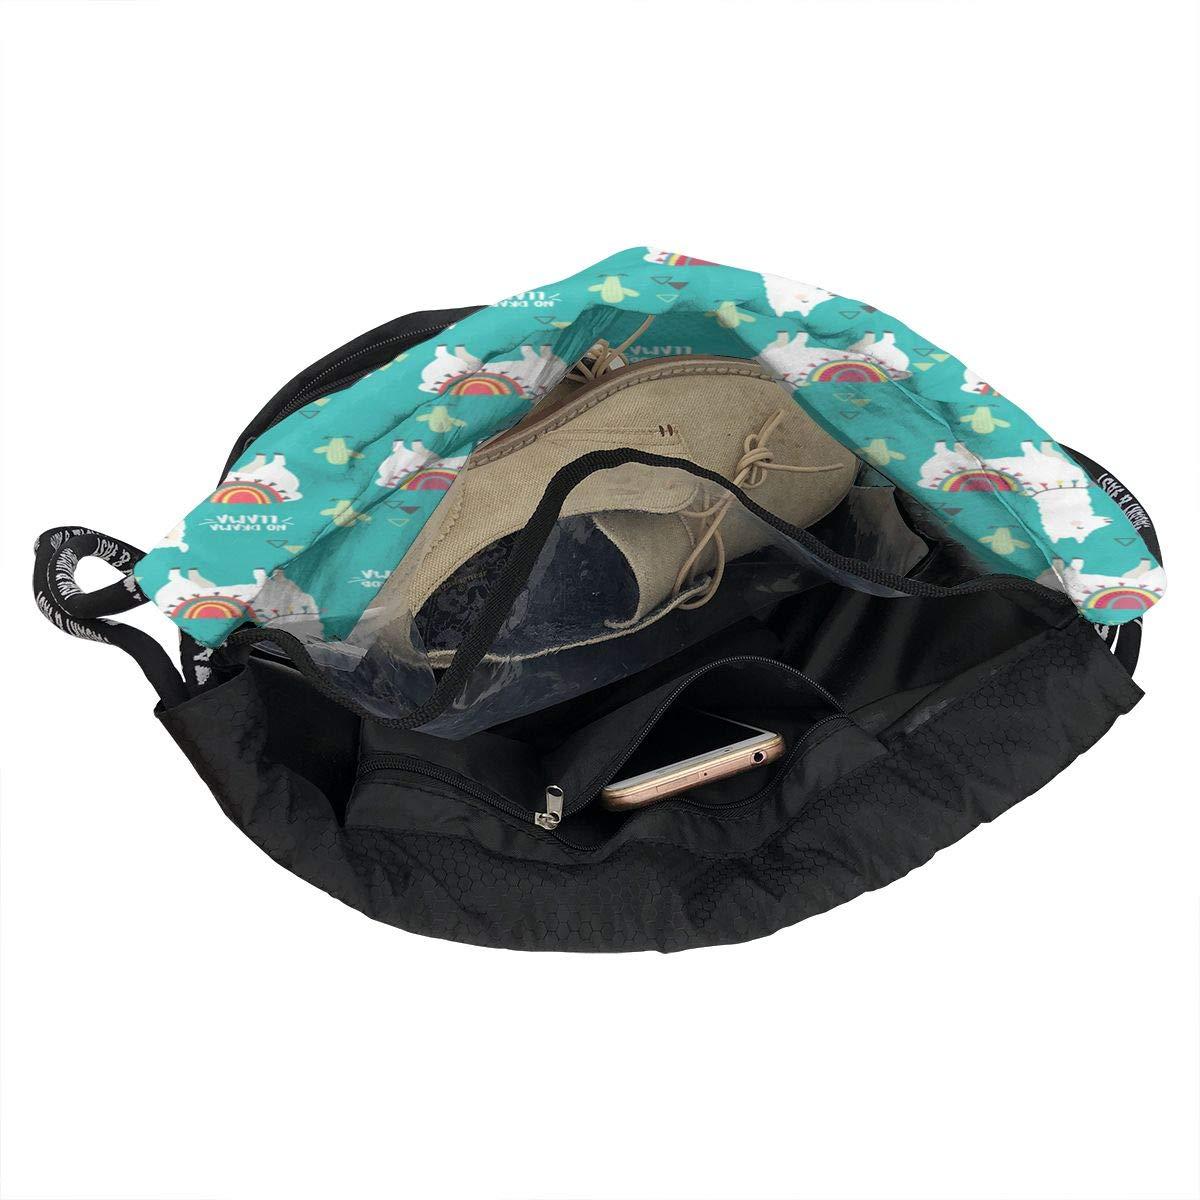 HUOPR5Q No Prob-Llama Drawstring Backpack Sport Gym Sack Shoulder Bulk Bag Dance Bag for School Travel